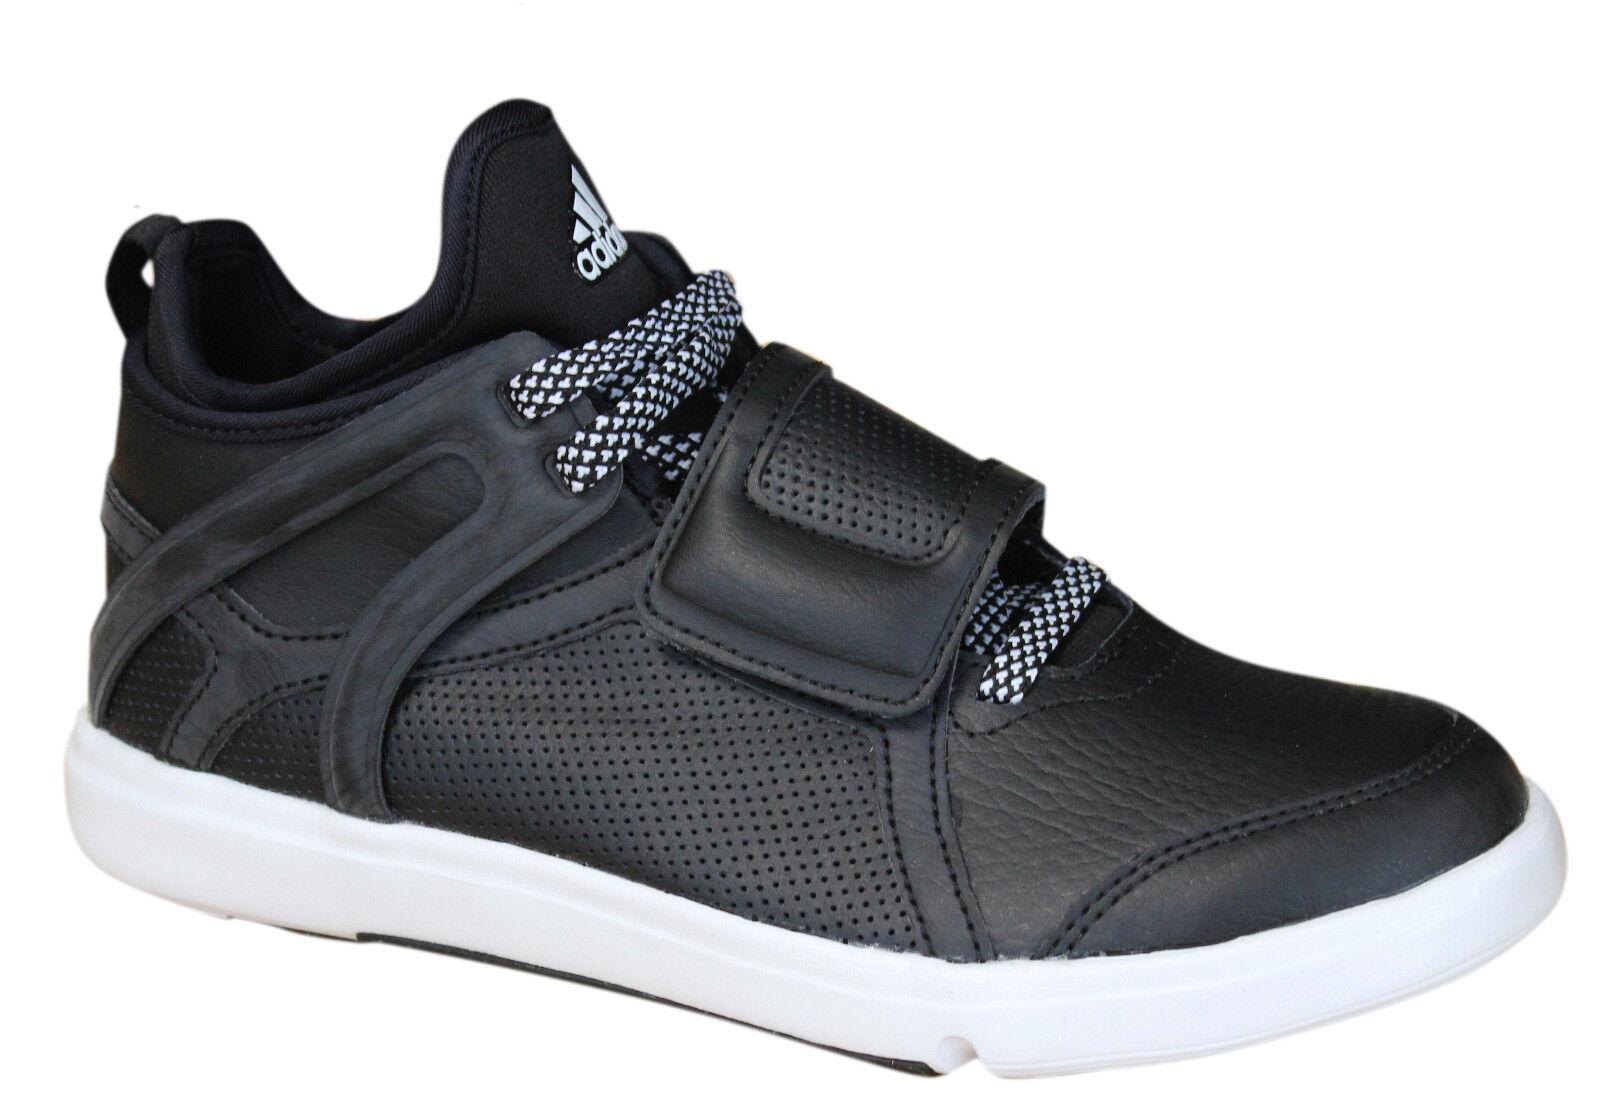 Adidas Performance Borama Zapatillas de Negro Mujer Running con Cordones Negro de AQ4872 566227